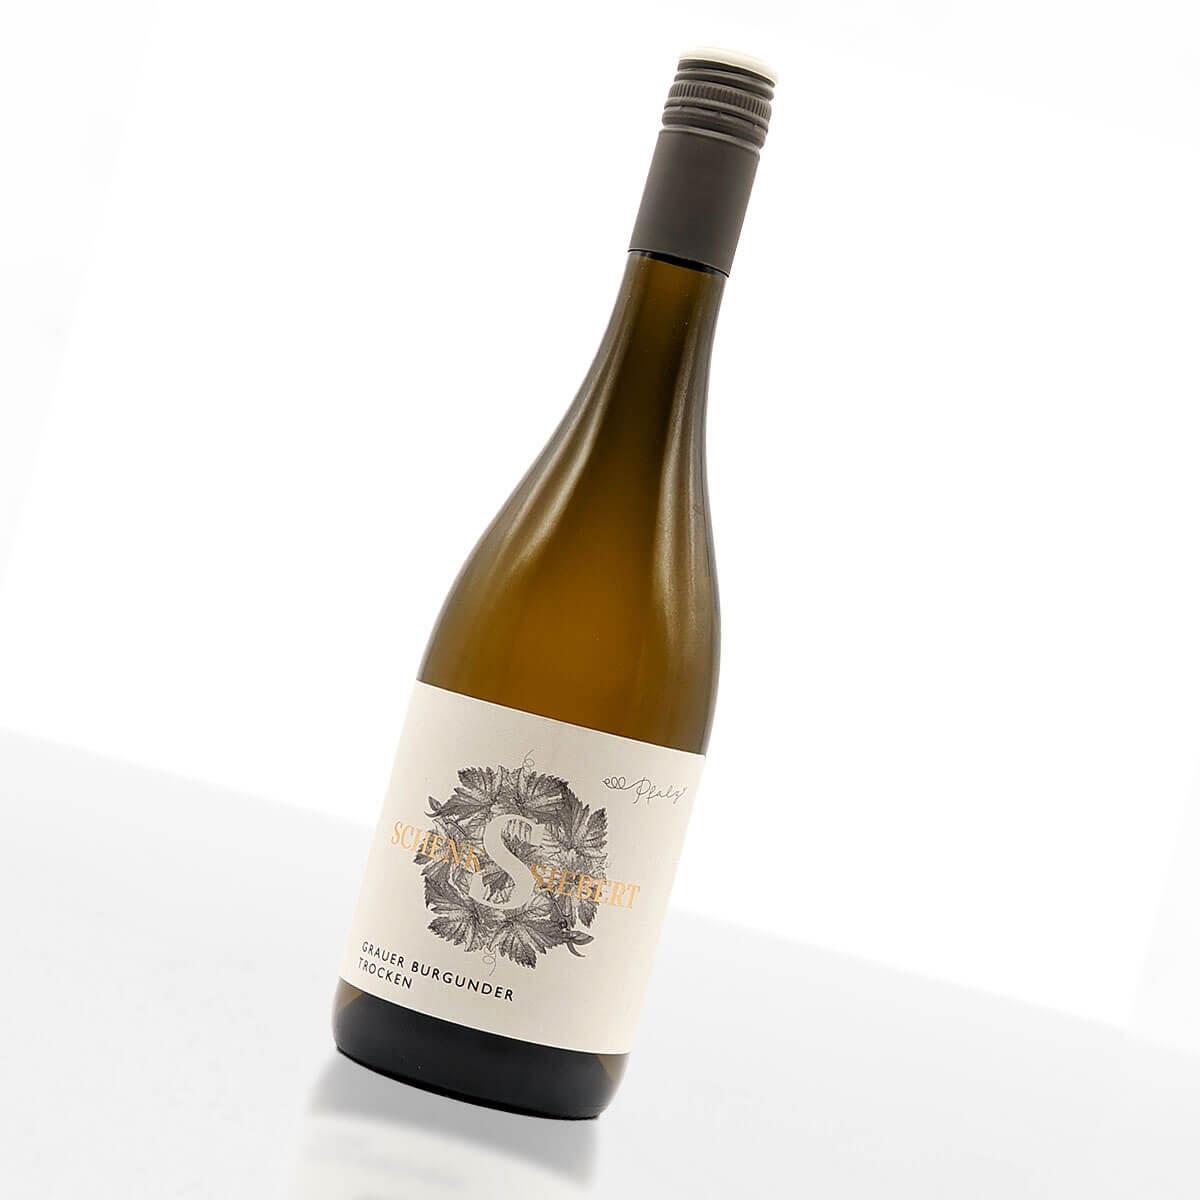 2019er Grauer Burgunder trocken • Weingut Schenk-Siebert